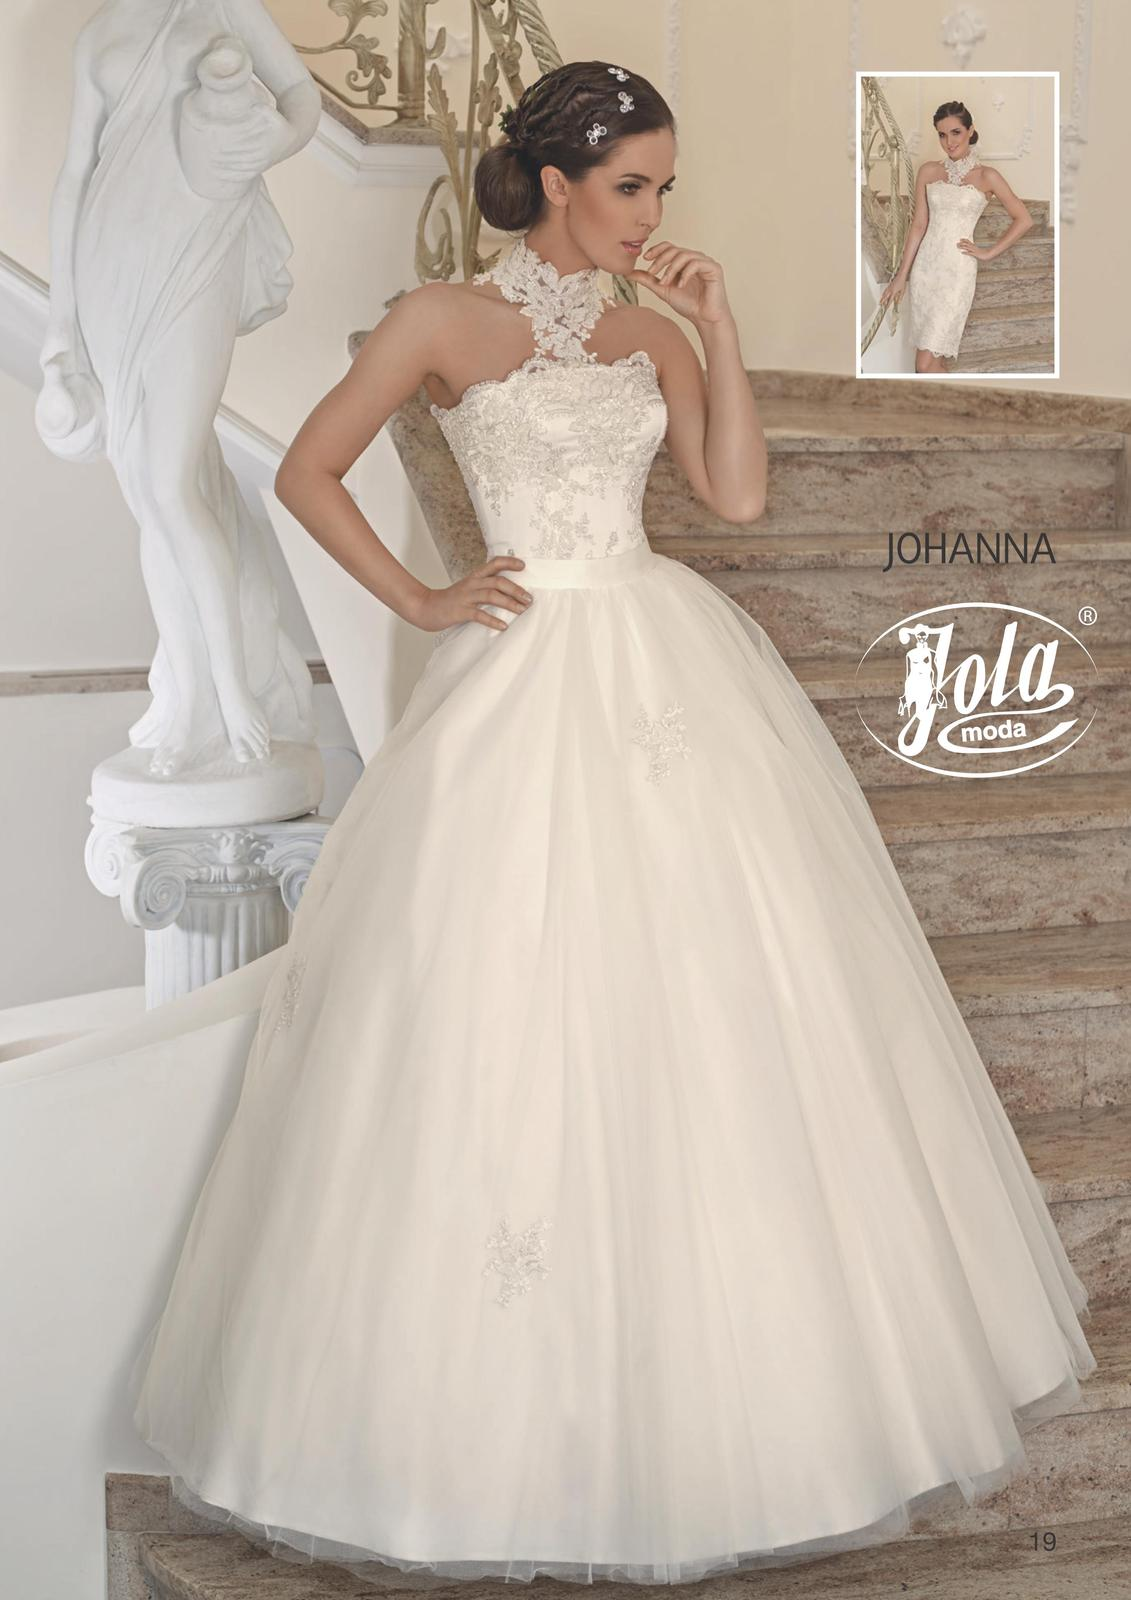 Jola Moda 2015 - Obrázok č. 8